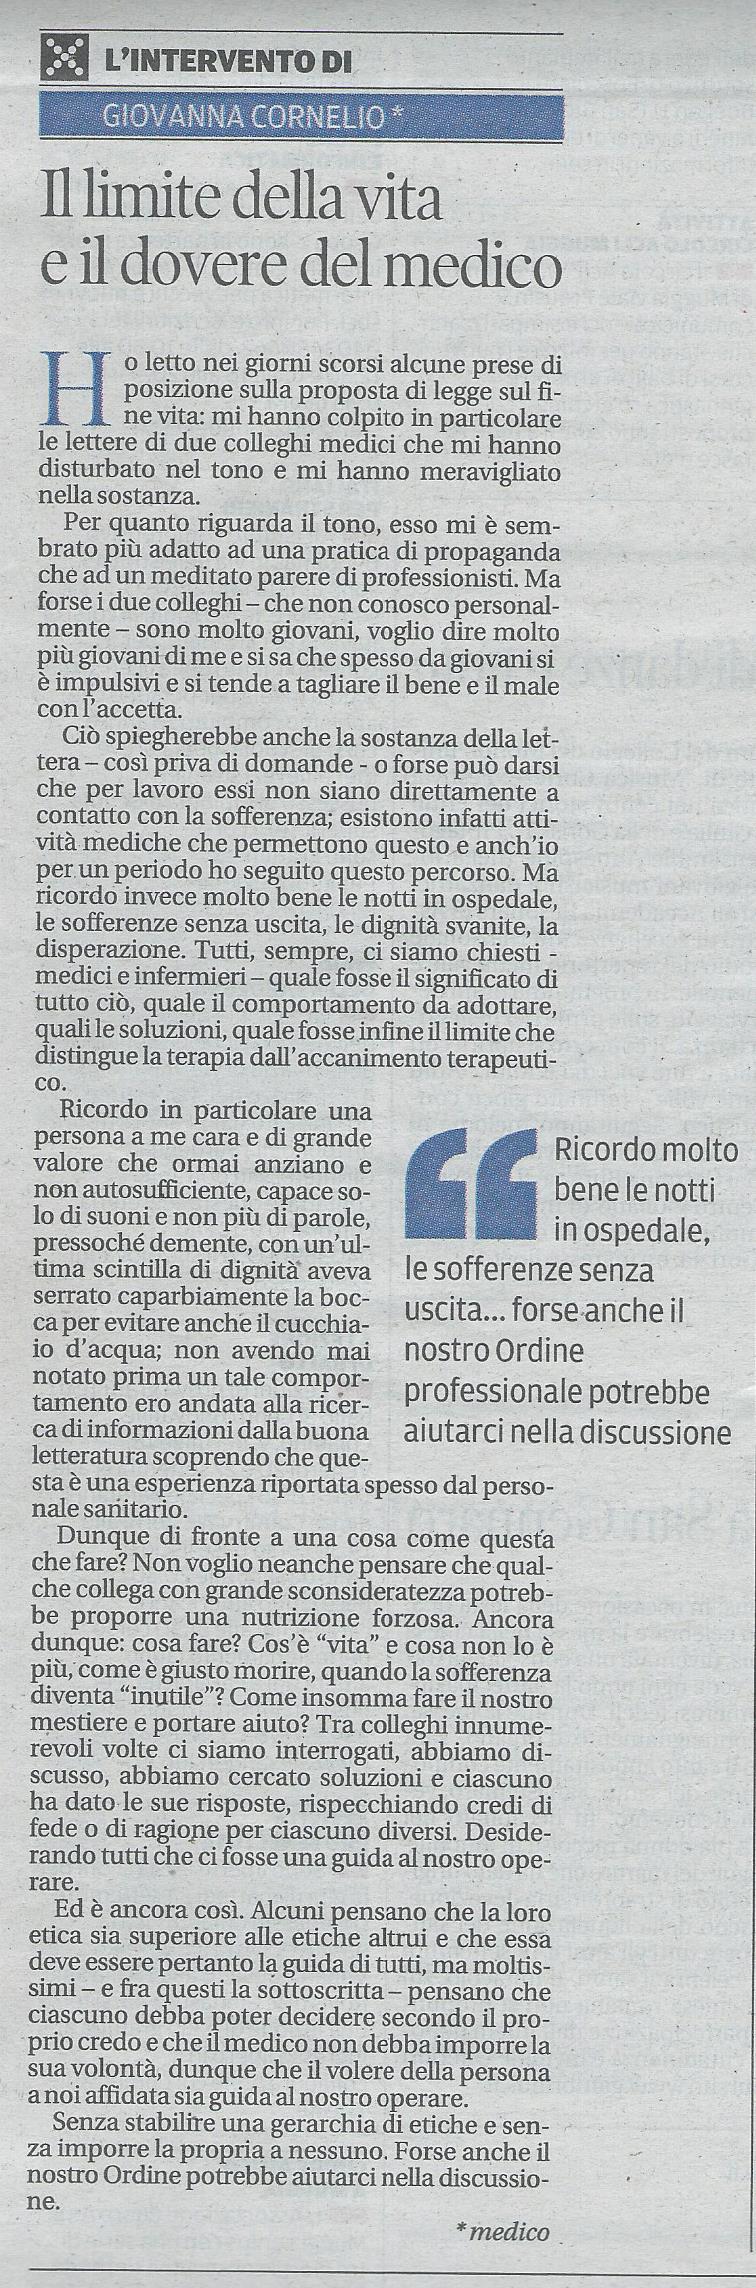 2013-09-21 Il Piccolo pagina 34 Intervento Cornelio